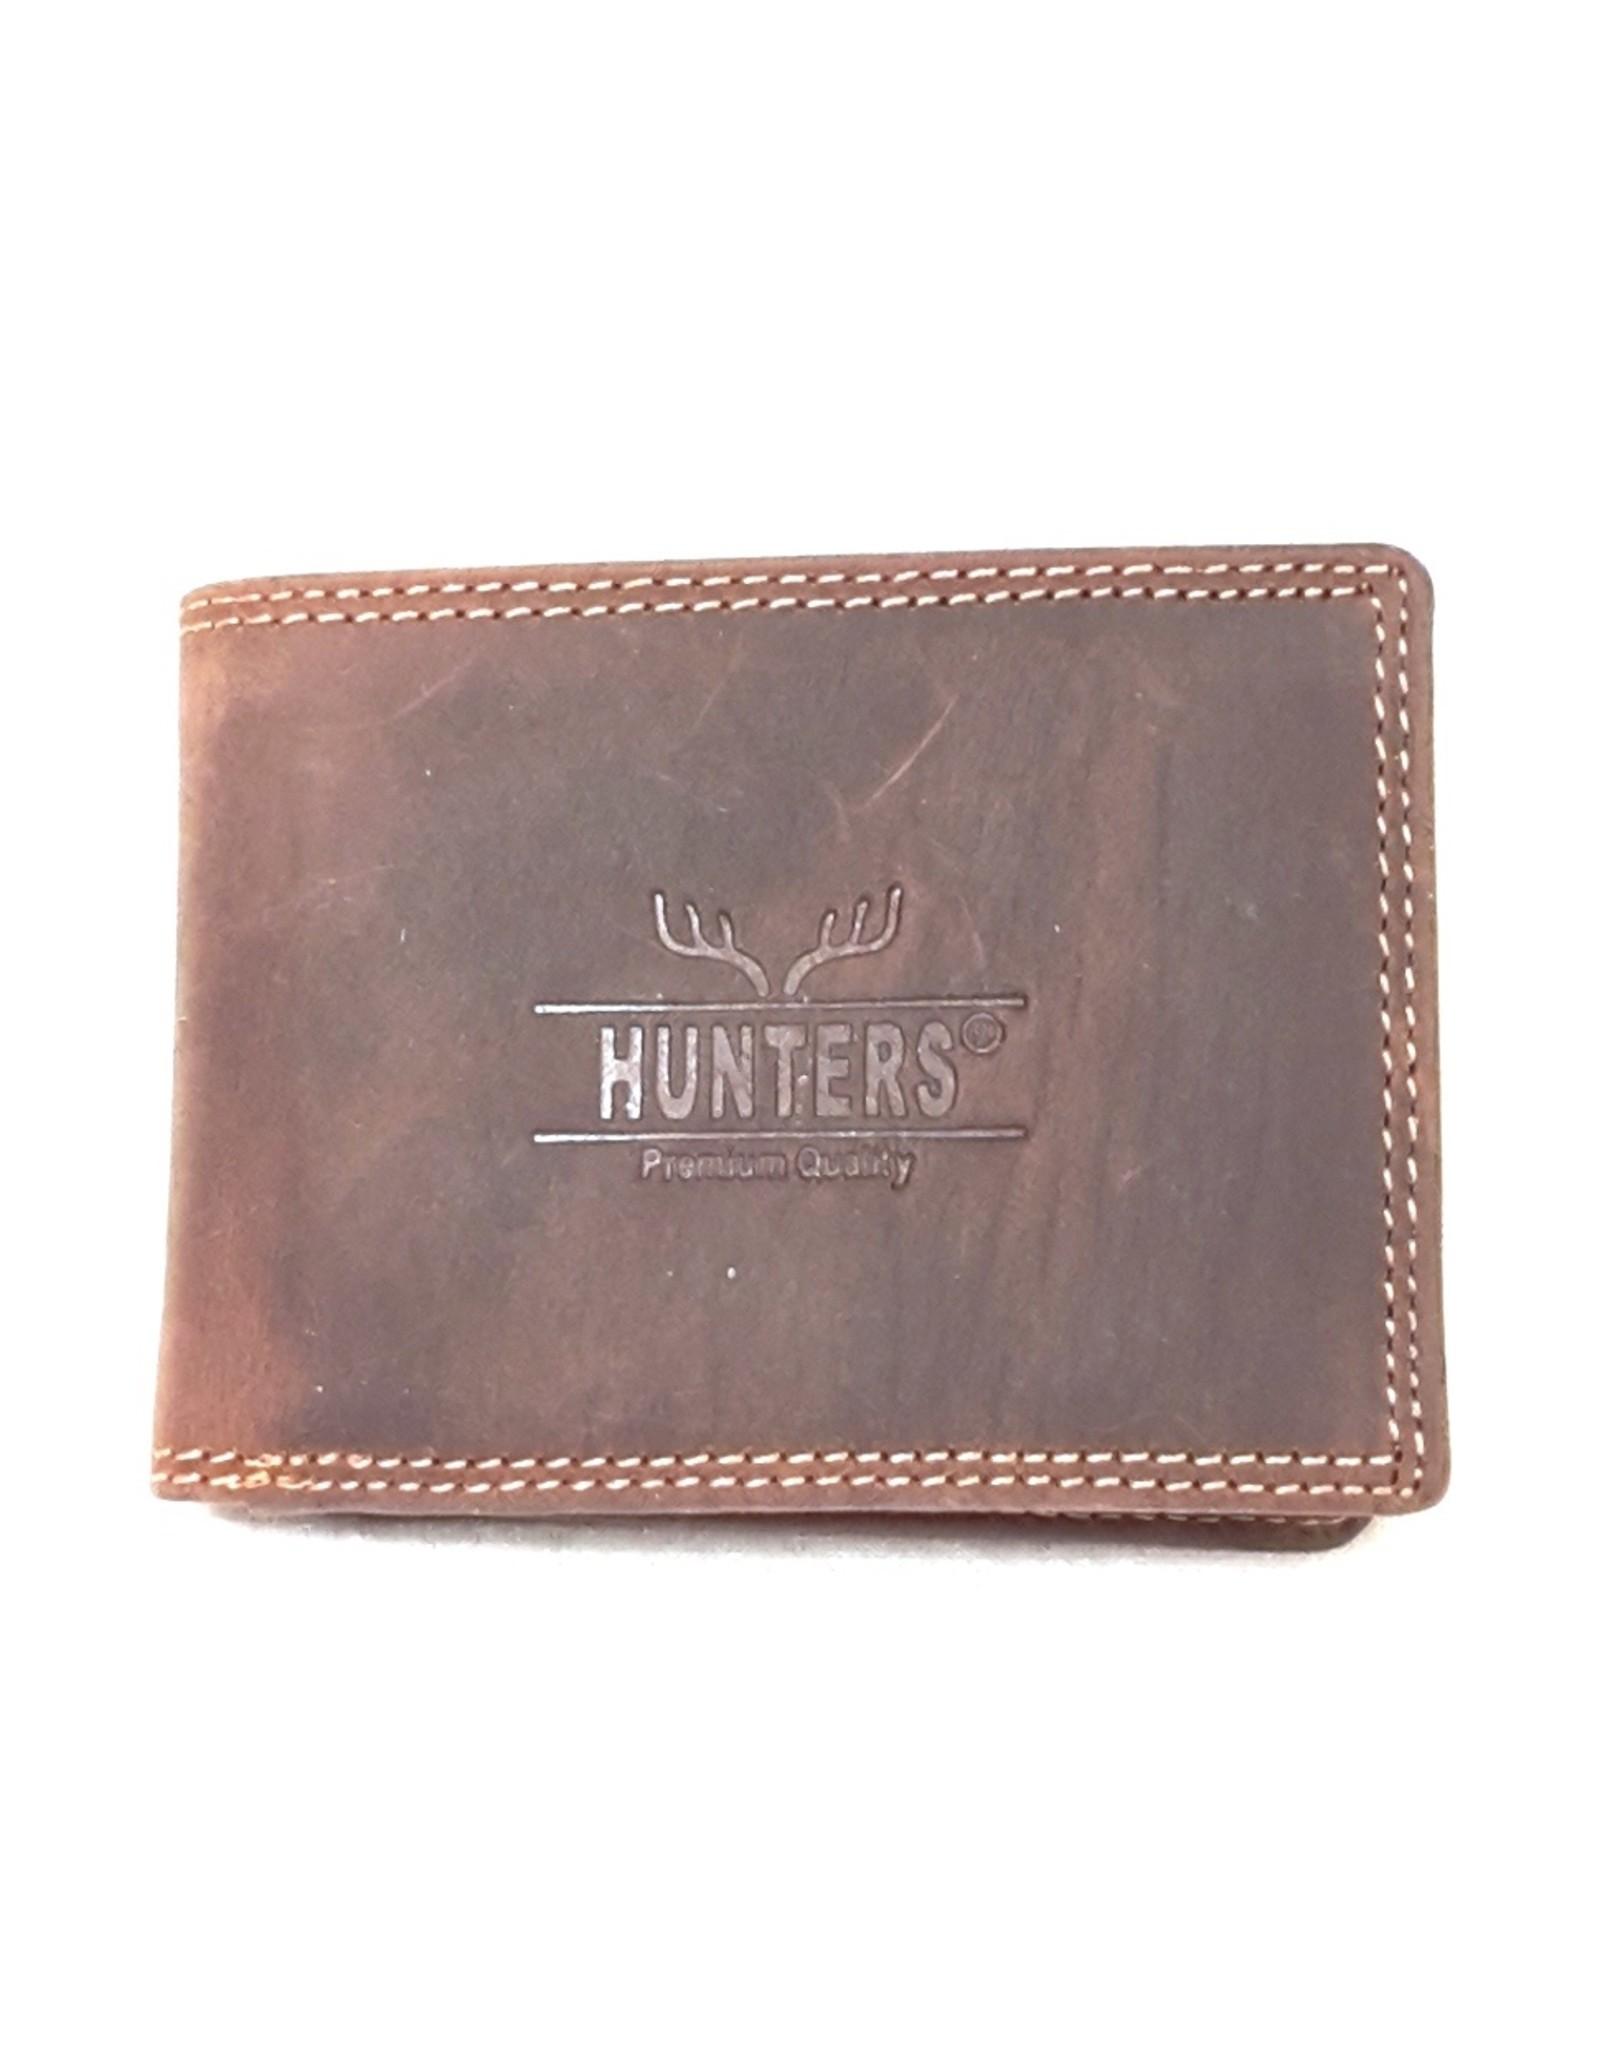 Hunters Leren Portemonnees - Leren portemonnee Hunters - Klein formaat